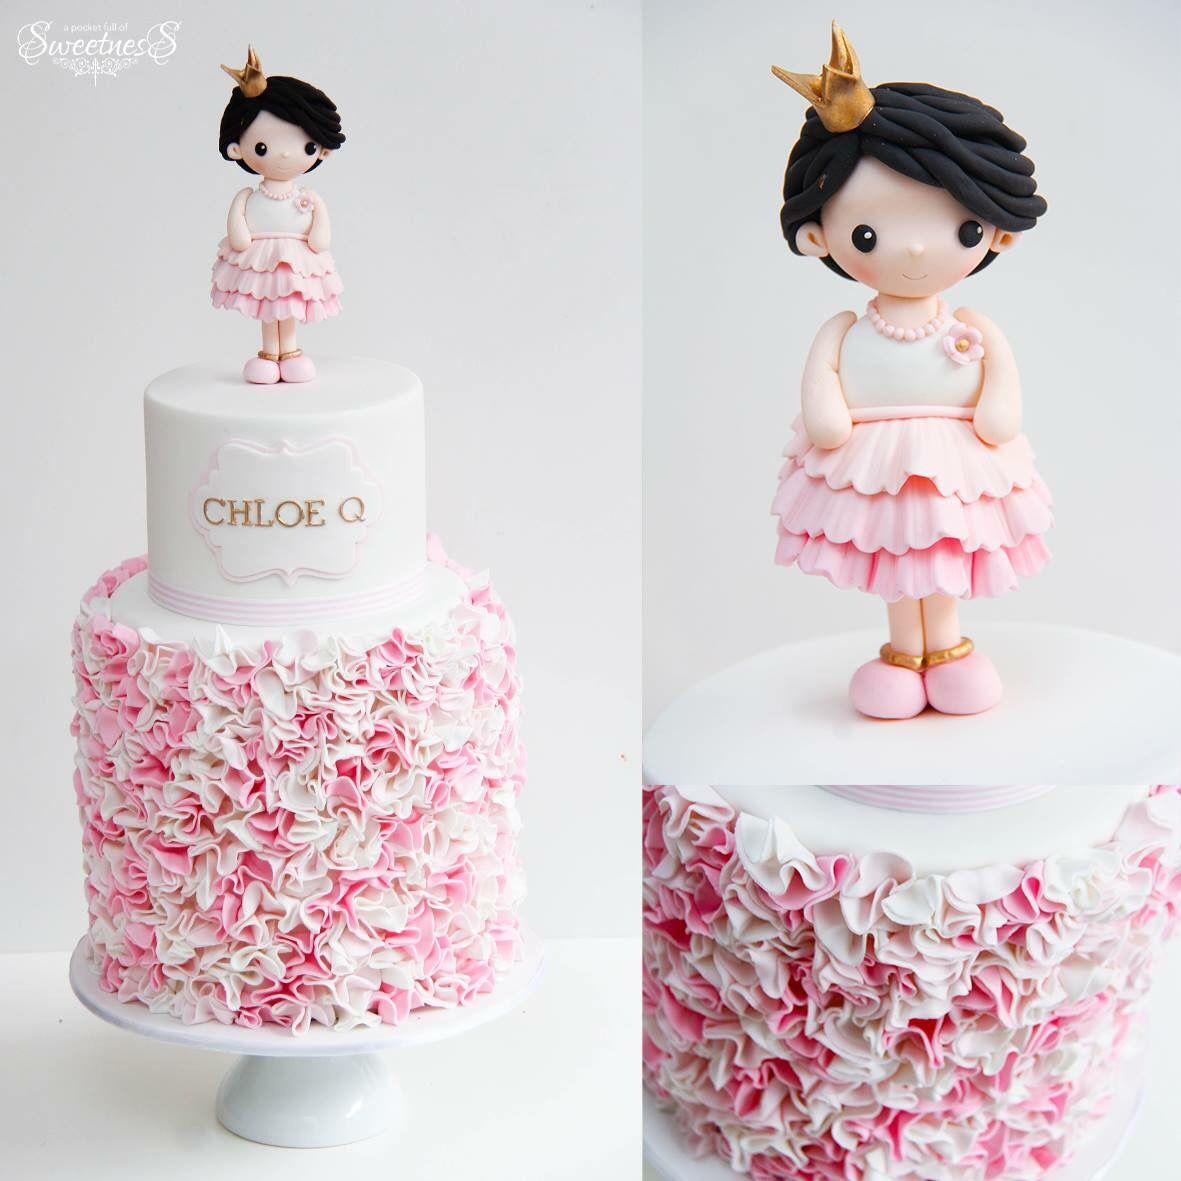 Cake with little girl Tortk hercegnknek Pinterest Cake